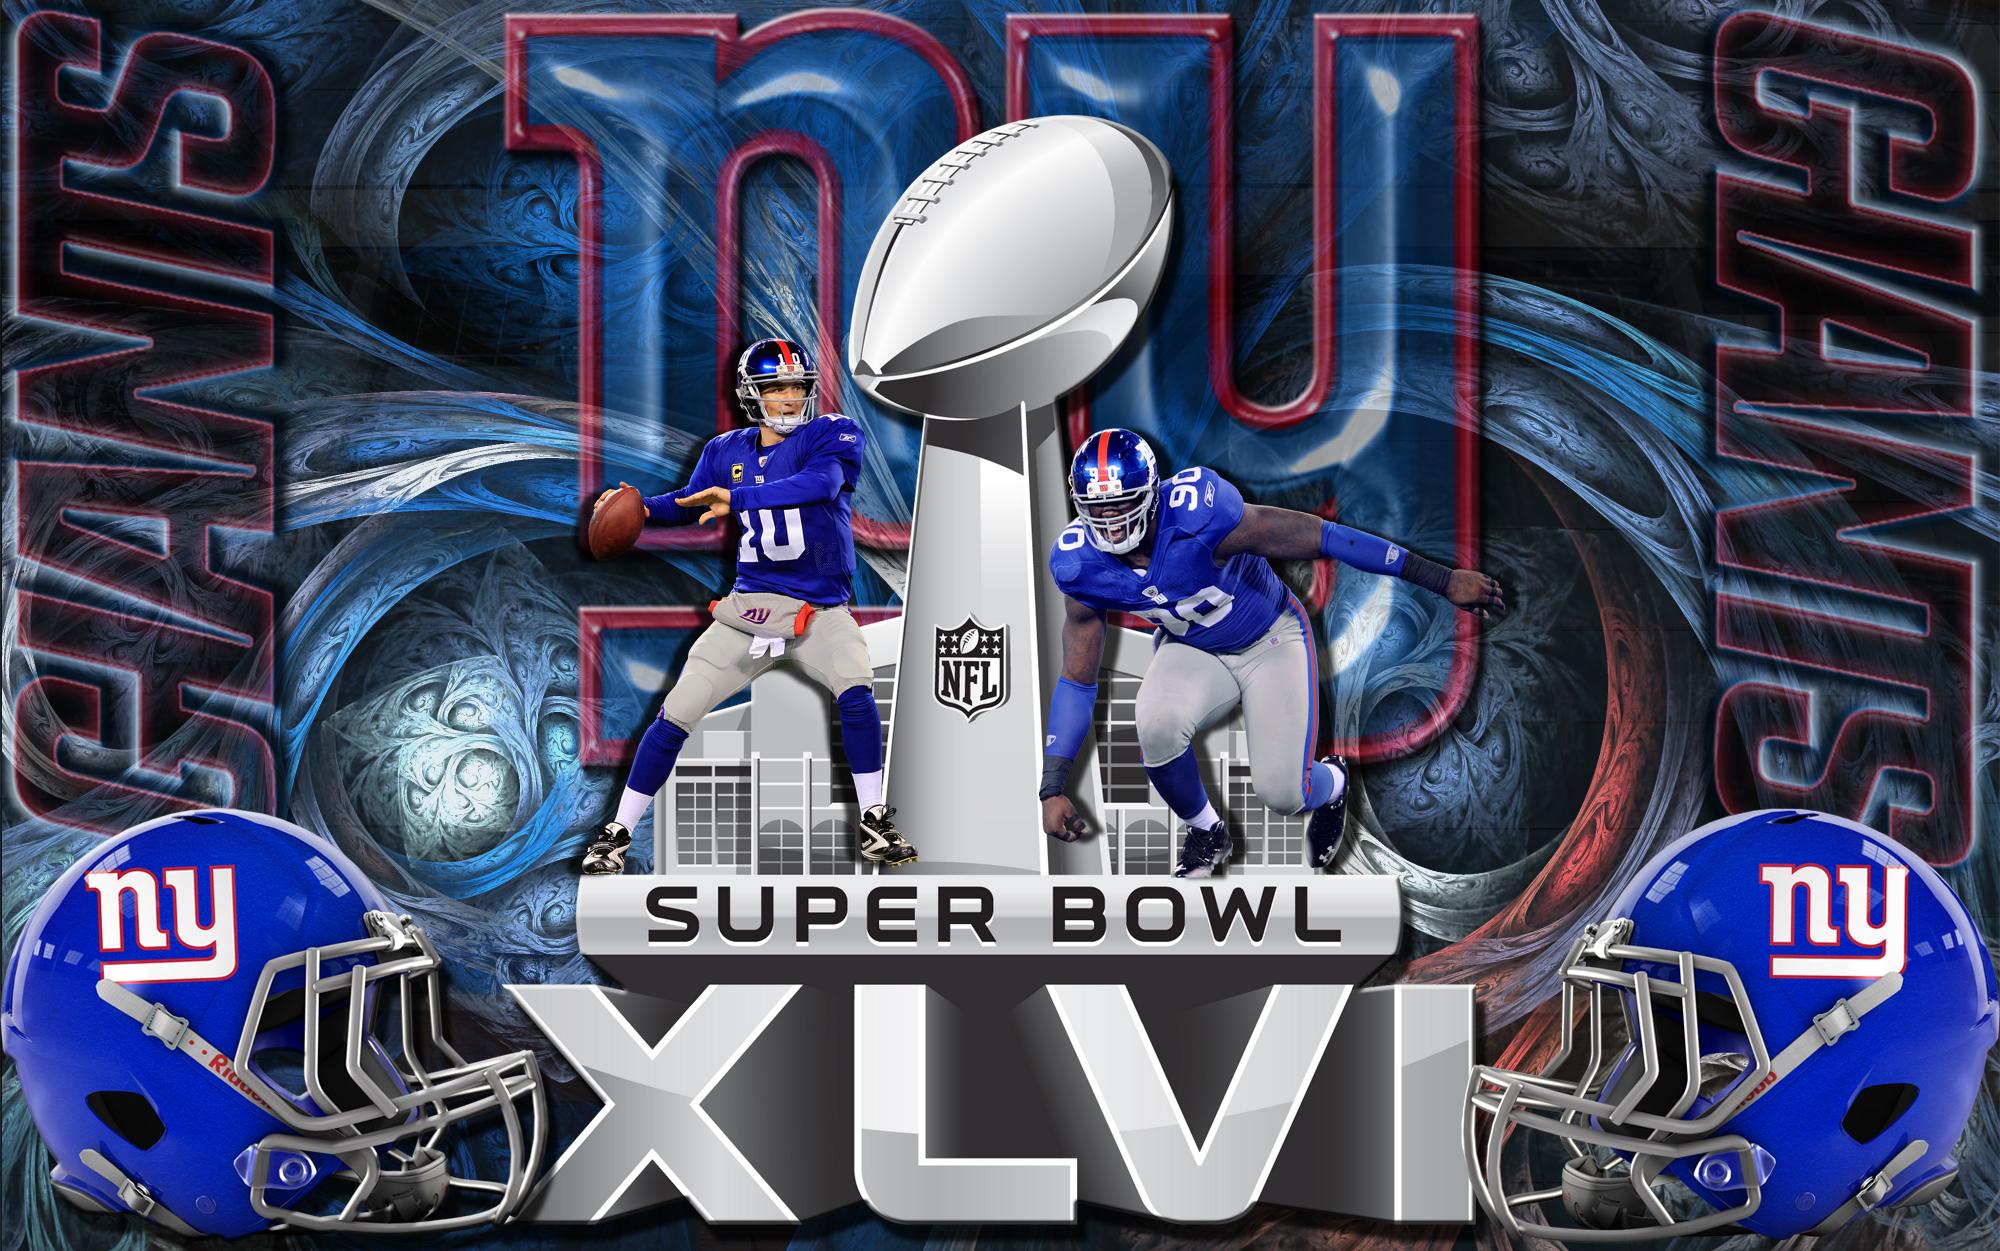 New York Giants Super Bowl Wallpaper